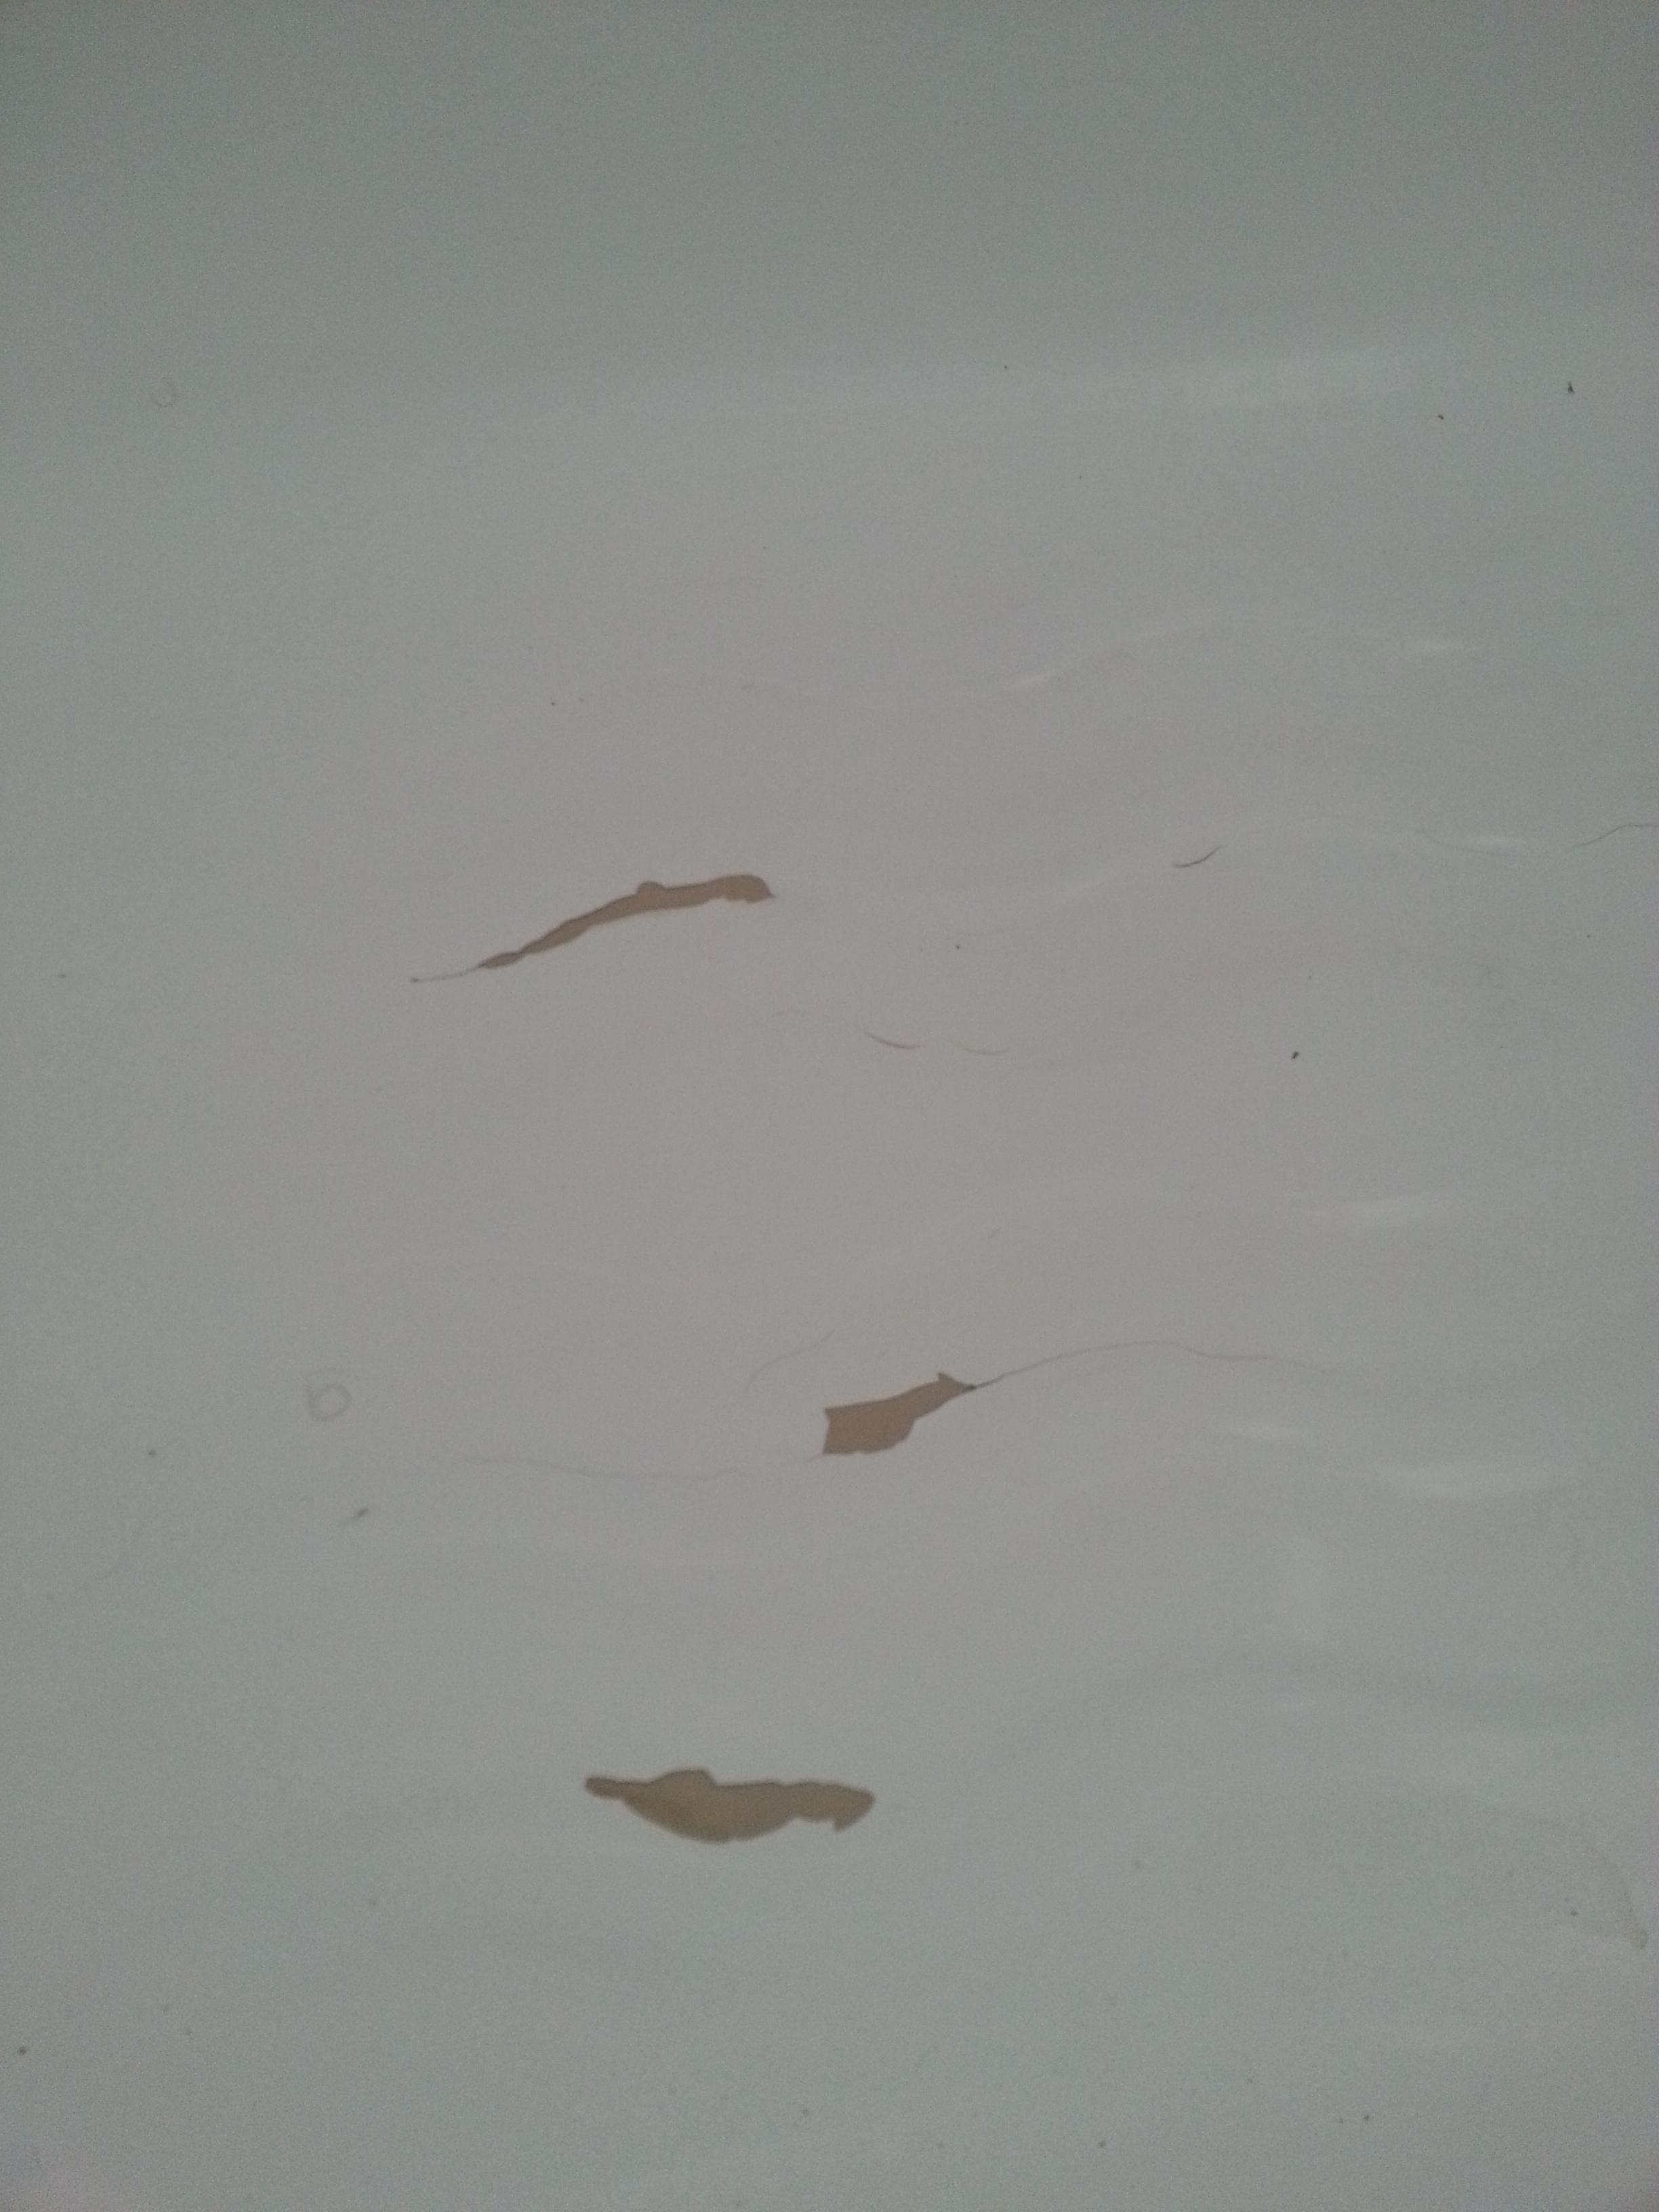 How Can I Fix Floor Cracks In Bathtub Enamel Coating Home Improvement Stack Exchange